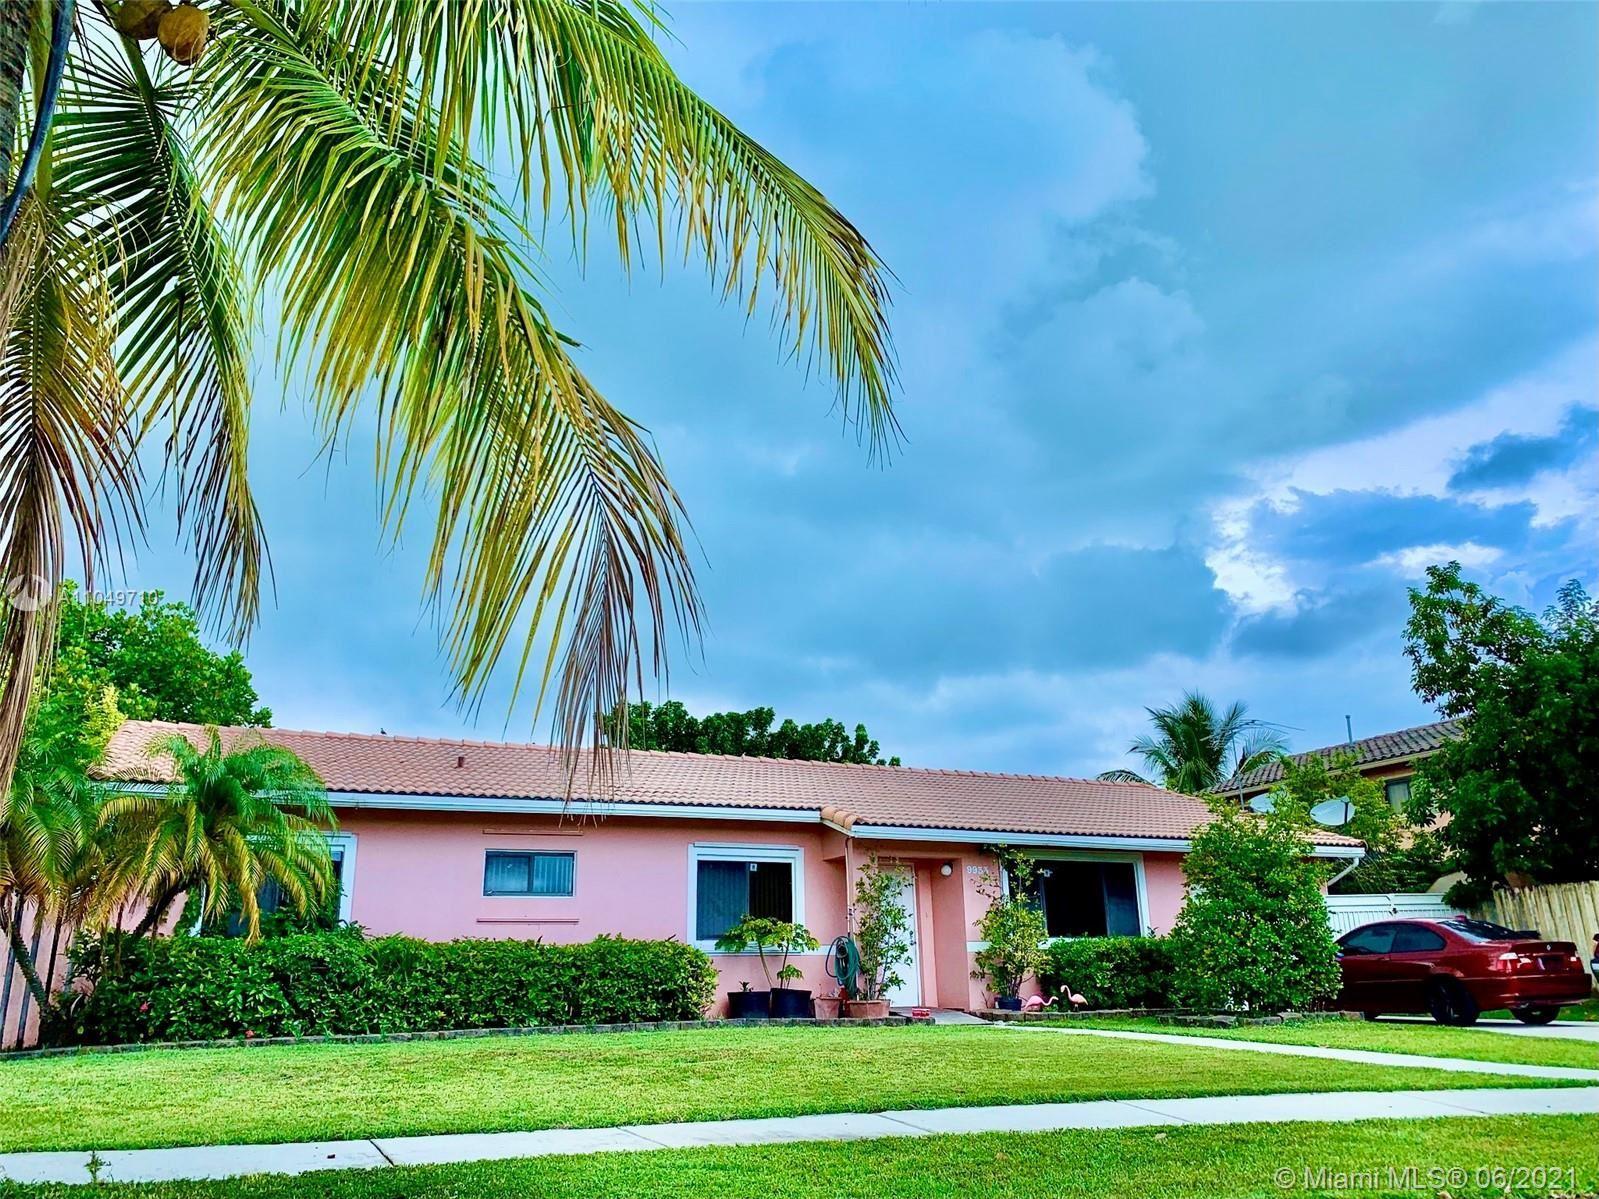 9933 SW 154th St, Miami, FL 33157 - #: A11049710